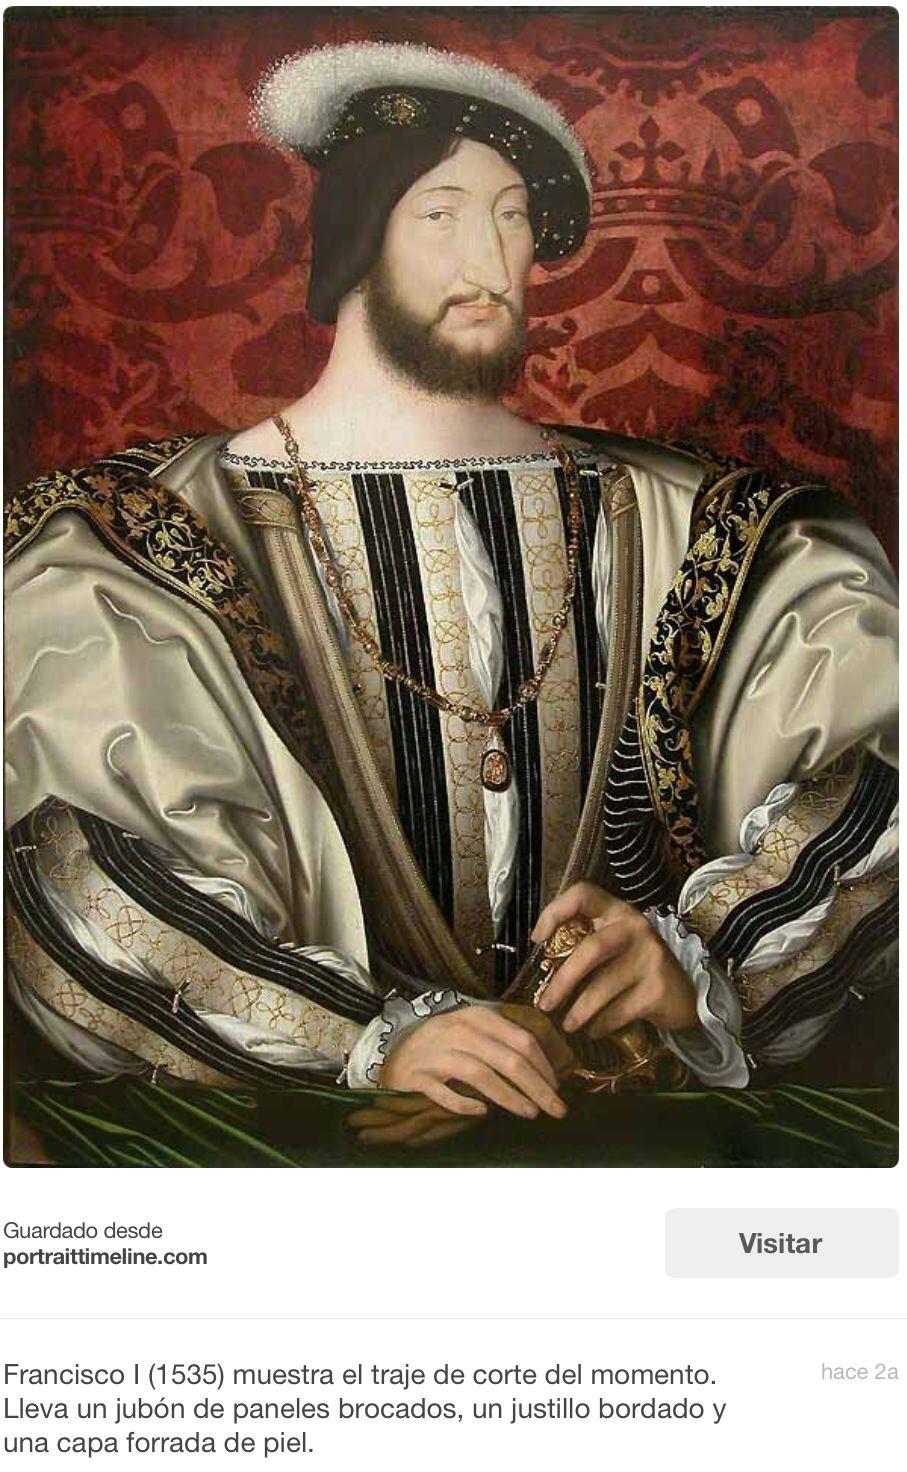 Francisco I De Francia Uno De Los Rivales Junto Con Carlos V De España Del Rey Enrique Viii Mientras T Francisco I De Francia Retrato De Hombre Renacimiento